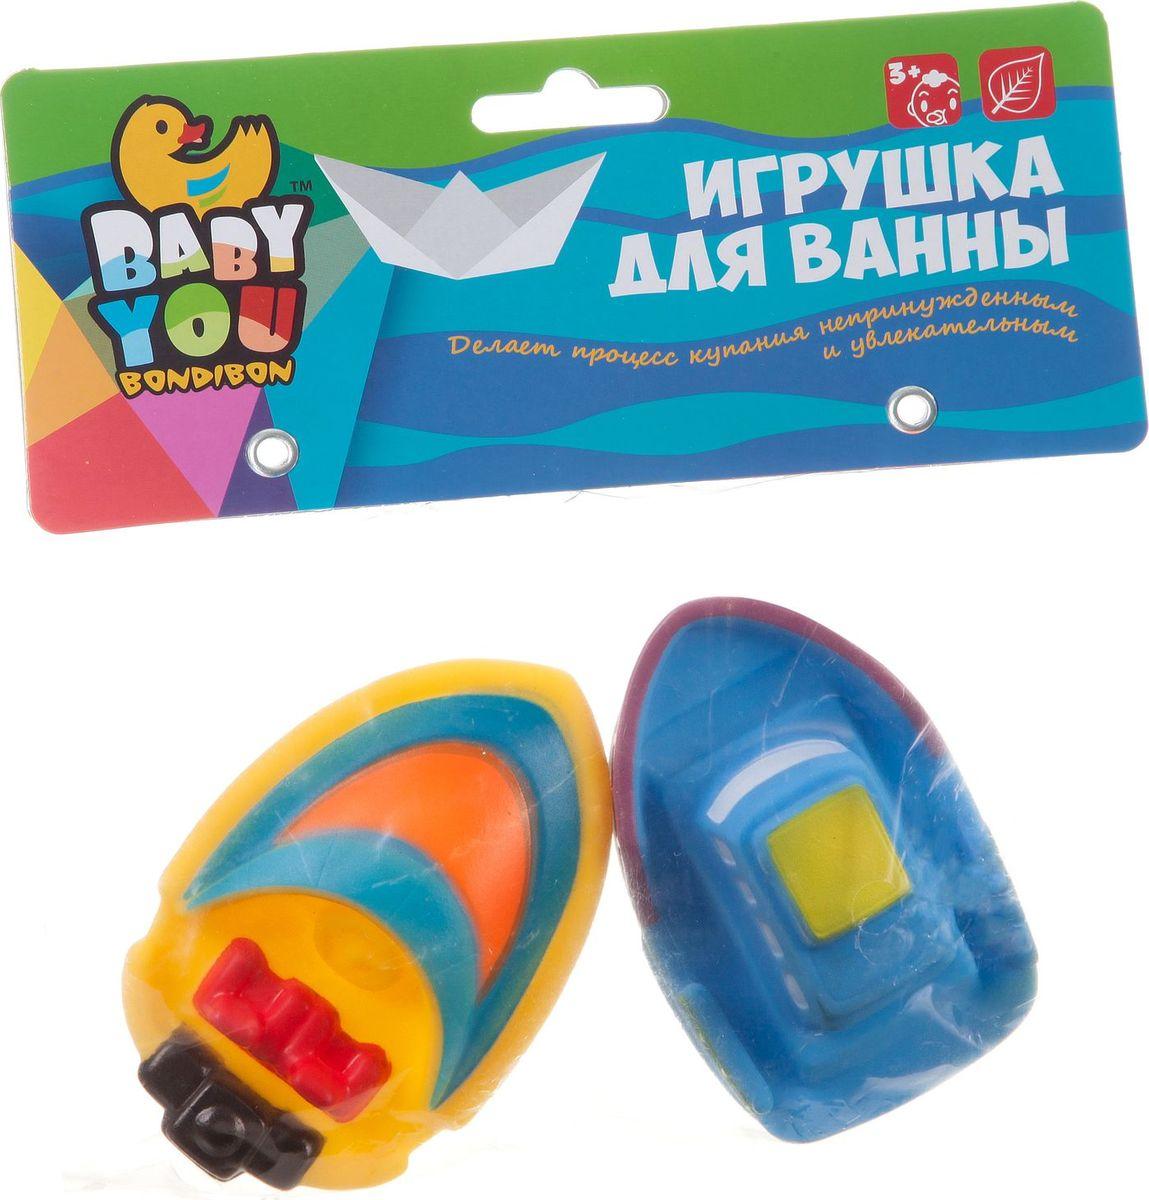 Bondibon Набор для купания Кораблики 2 шт игрушки для ванны bondibon игровой набор для купания дельфин и краб 2 шт